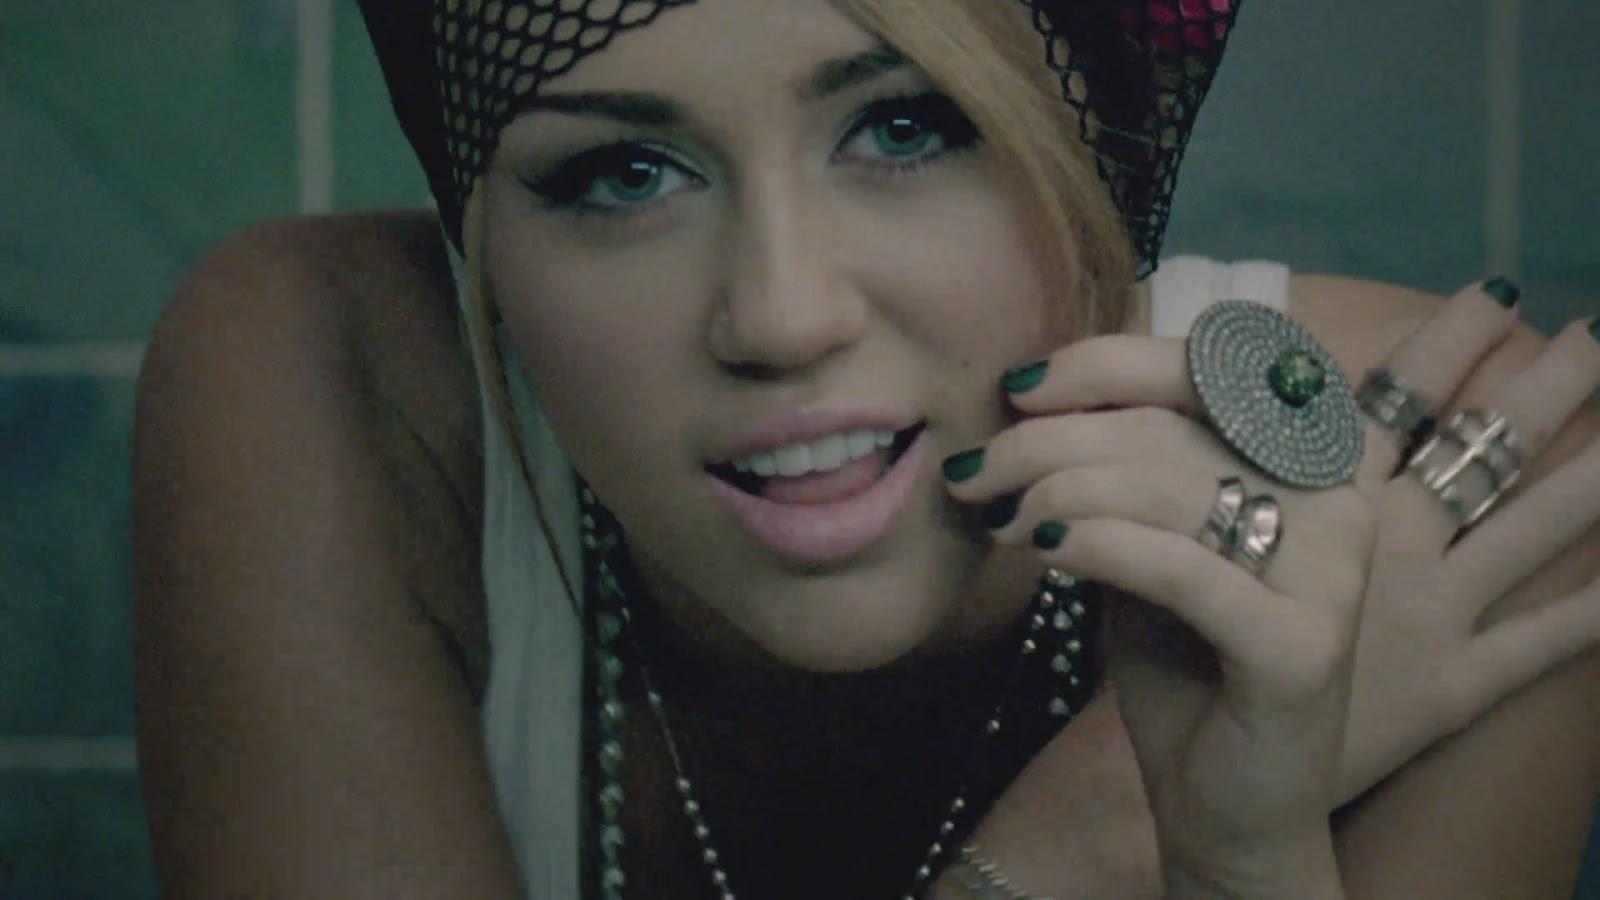 http://2.bp.blogspot.com/-msTFGEpAigg/T98YoH9cJMI/AAAAAAAAAa4/7gNQPahUYQA/s1600/Miley+Cyrus+-+Who+Owns+My+Heart_(1080p)%5Bvideoclipsdownloads%5D.mp4_snapshot_00.32_%5B2012.06.18_08.51.18%5D.jpg